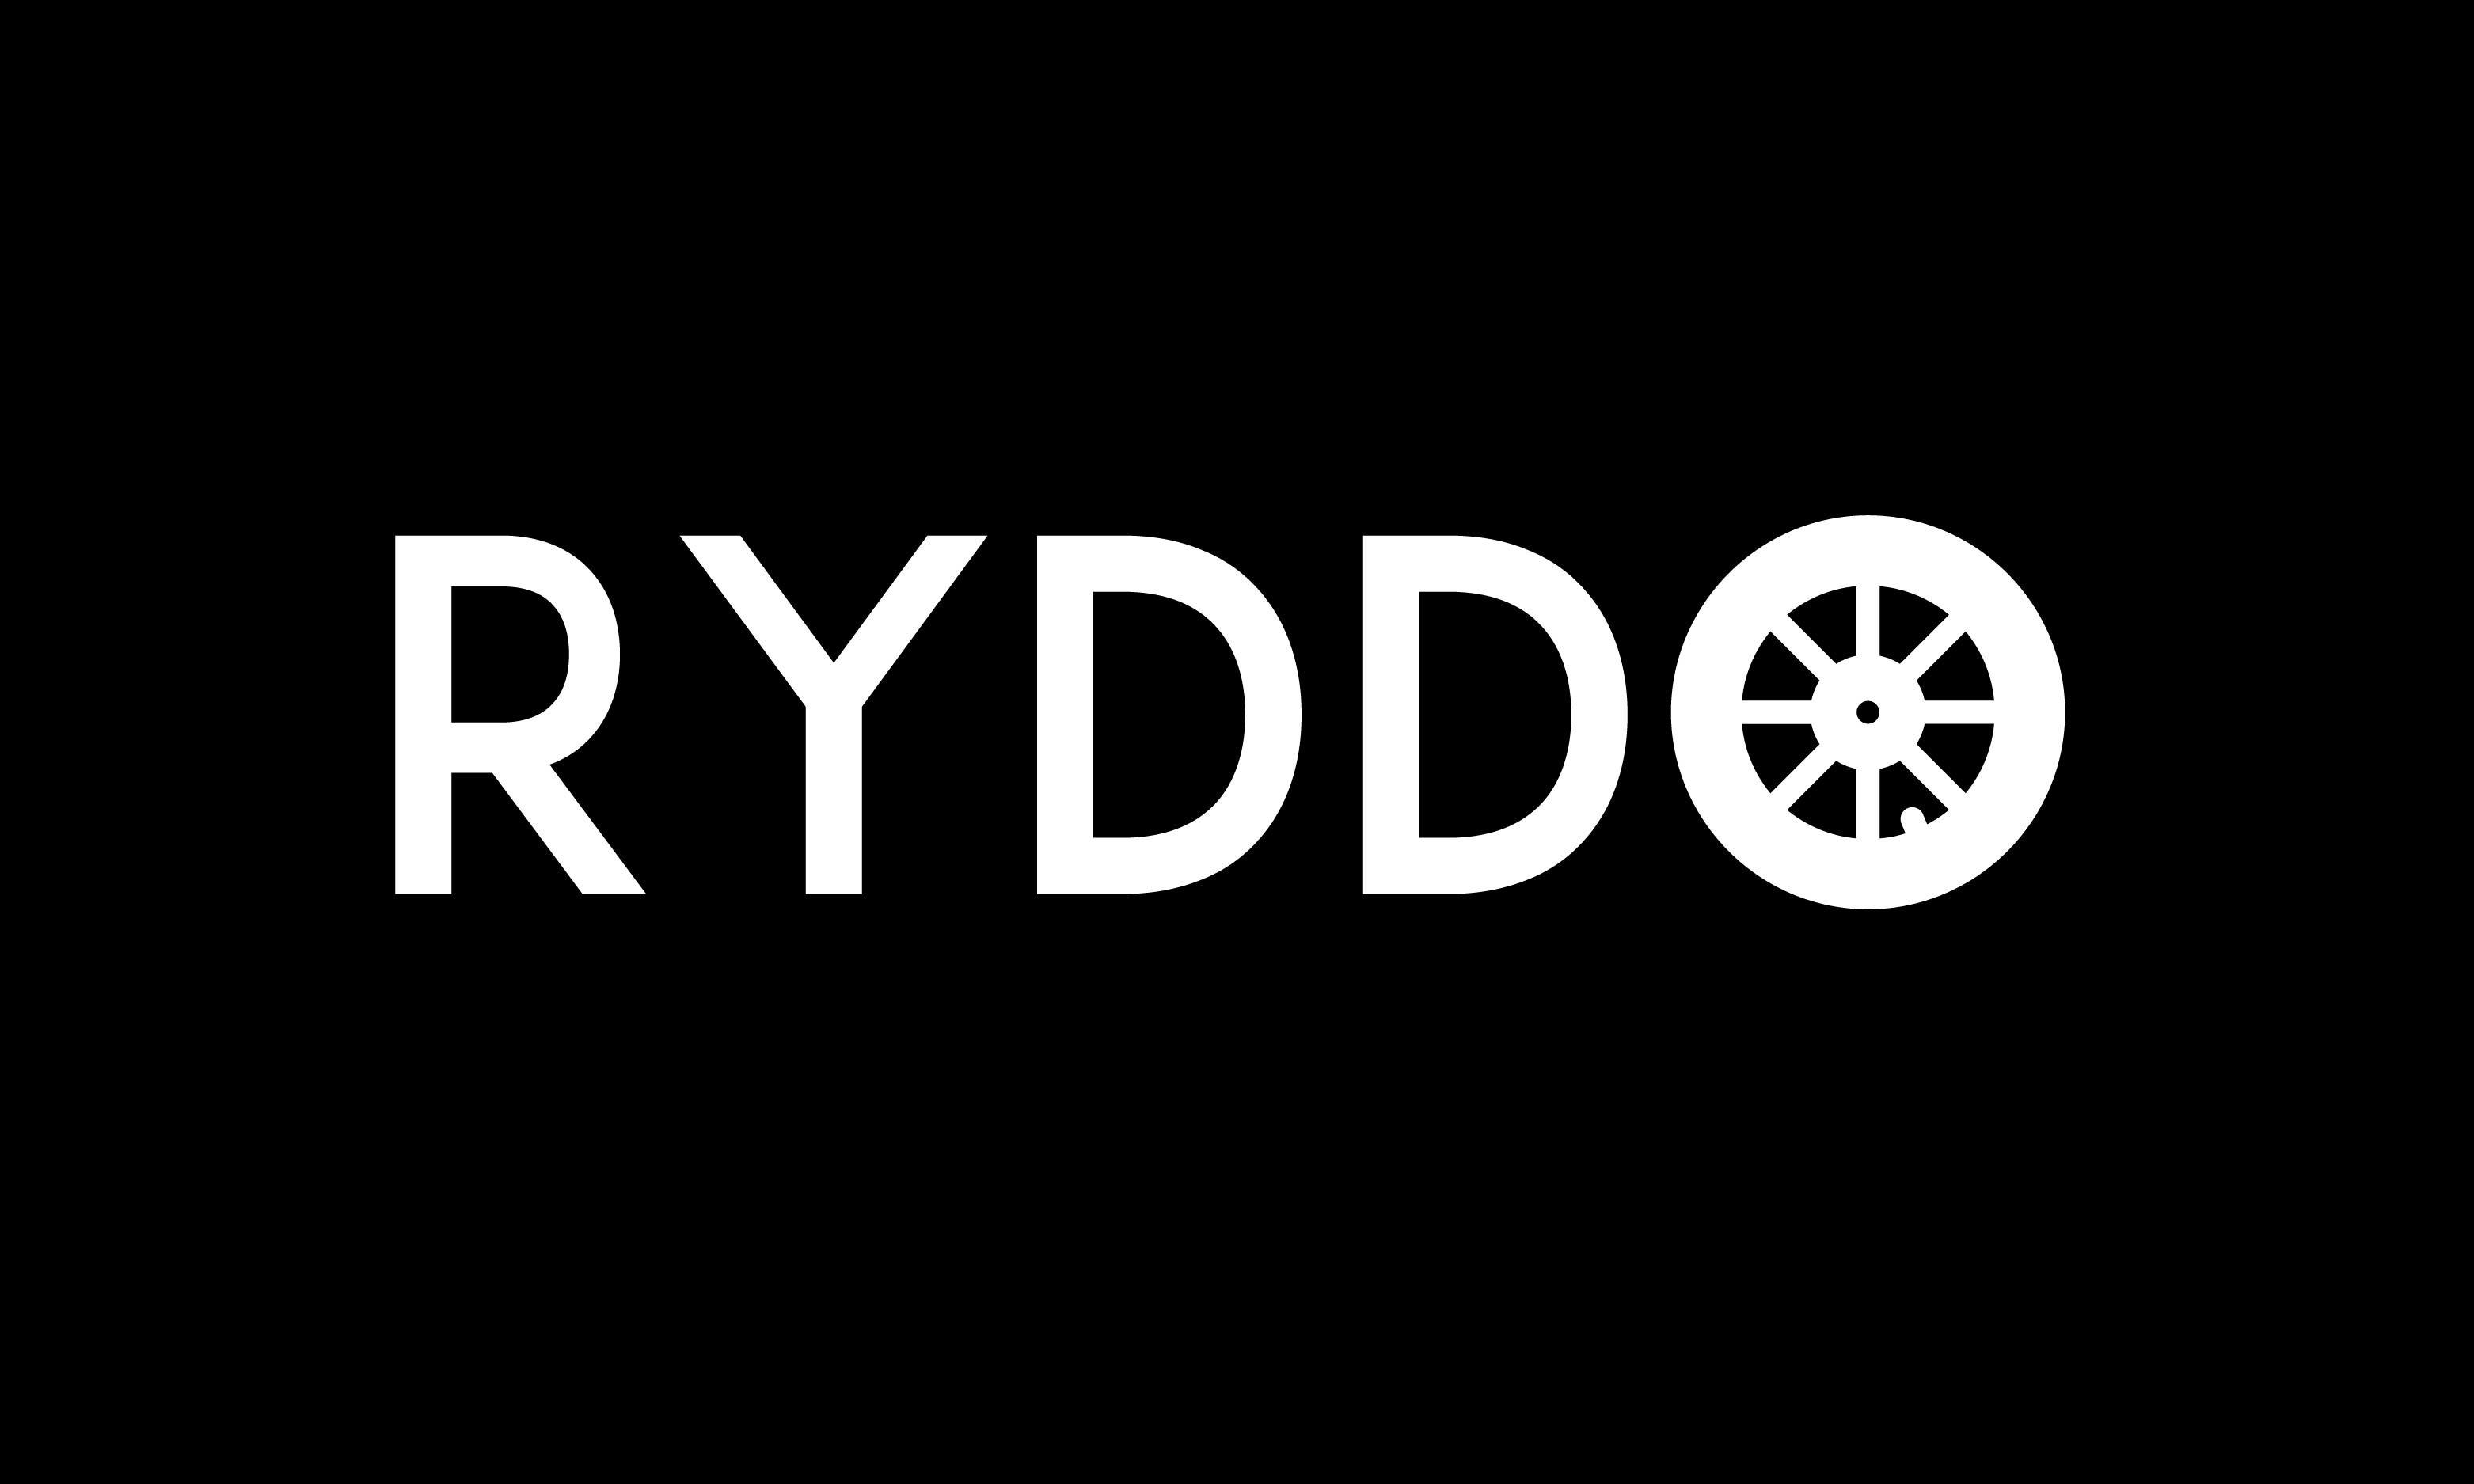 Ryddo.com